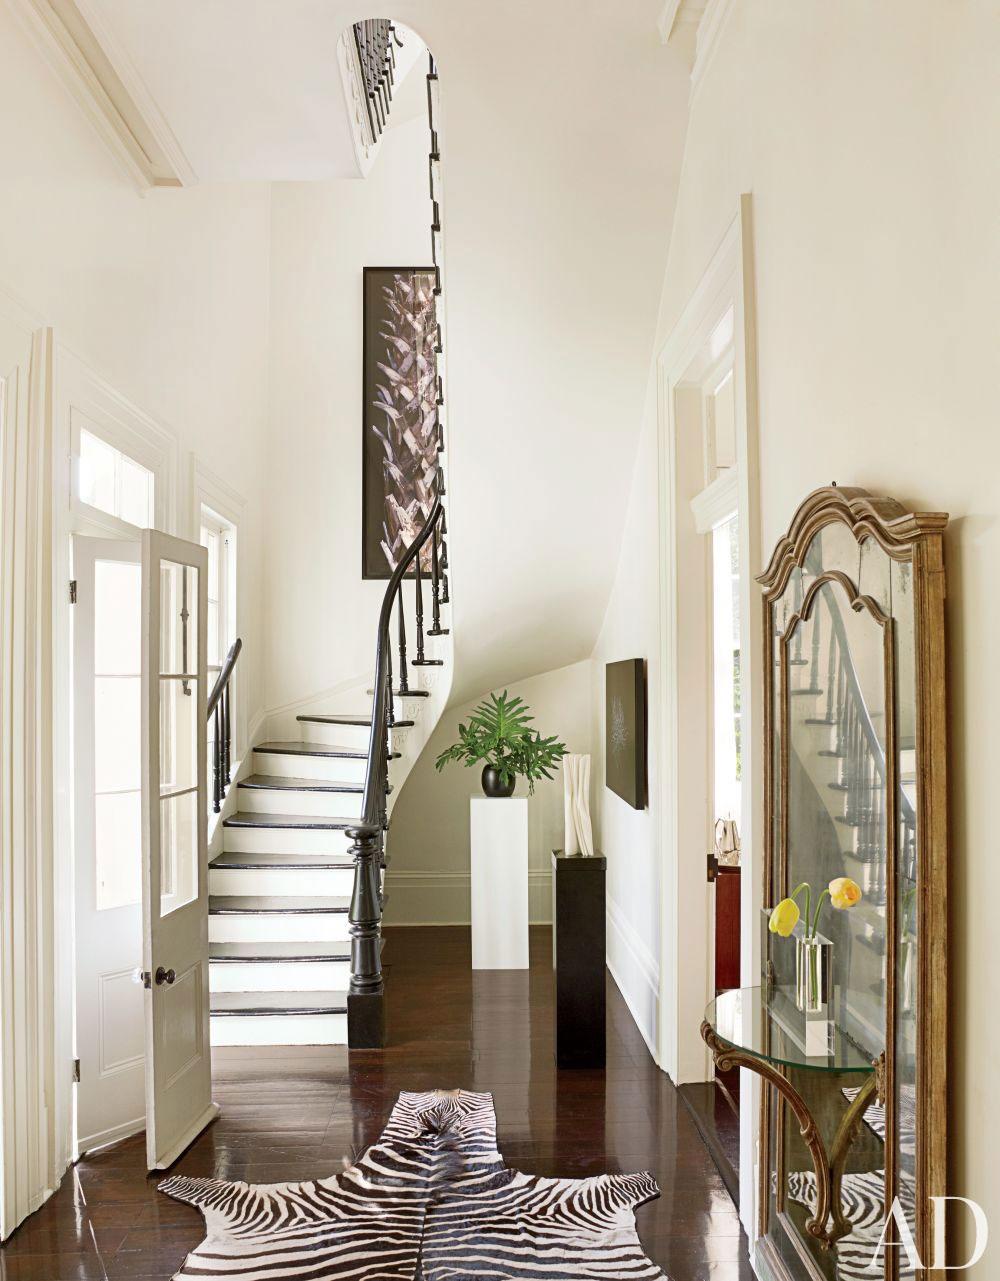 Hall-vägg-dekoration-idéer-för-ditt-bekväma-hem-4 hall-vägg-dekoration-idéer för ditt-bekvämt-hem